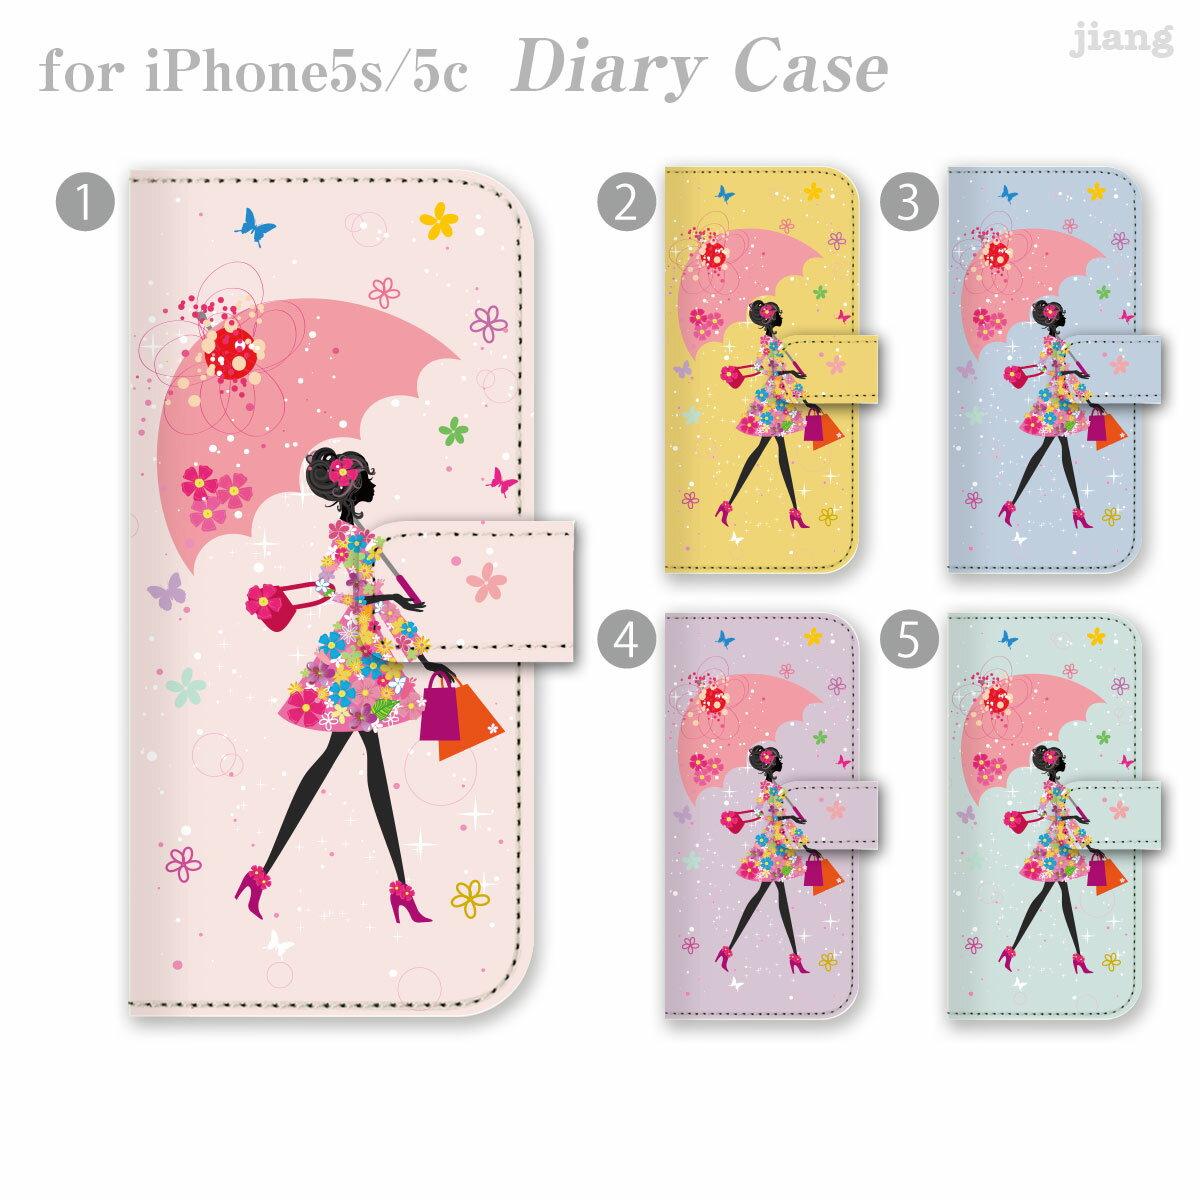 スマホケース 手帳型 全機種対応 手帳 ケース カバー レザー イラスト iPhone7 iPhone6s iPhone6 Plus iPhone SE iPhone5s iphone5c Xperia X Performance SO-04H Z5 Z4 Z3 A4 SO-02H SO-01H SOV33 aquos SH-04H SHV34 Xx3 arrows ショッピングガール 22-ip5-ds0115-zen2